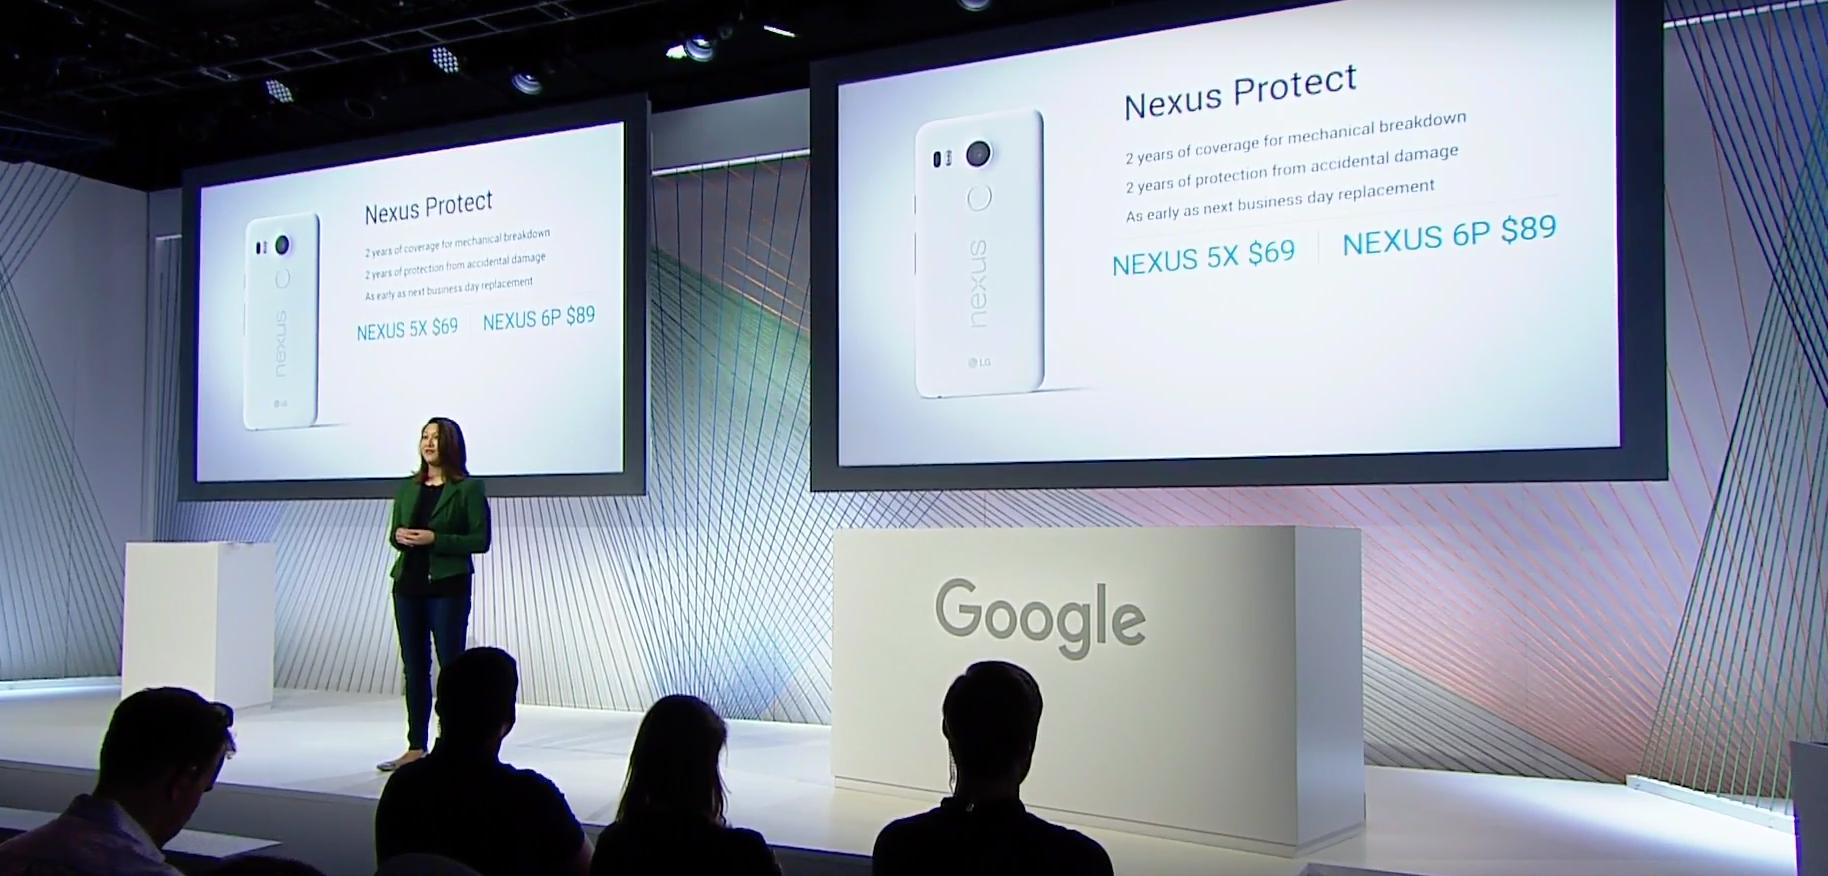 Nexus Protect